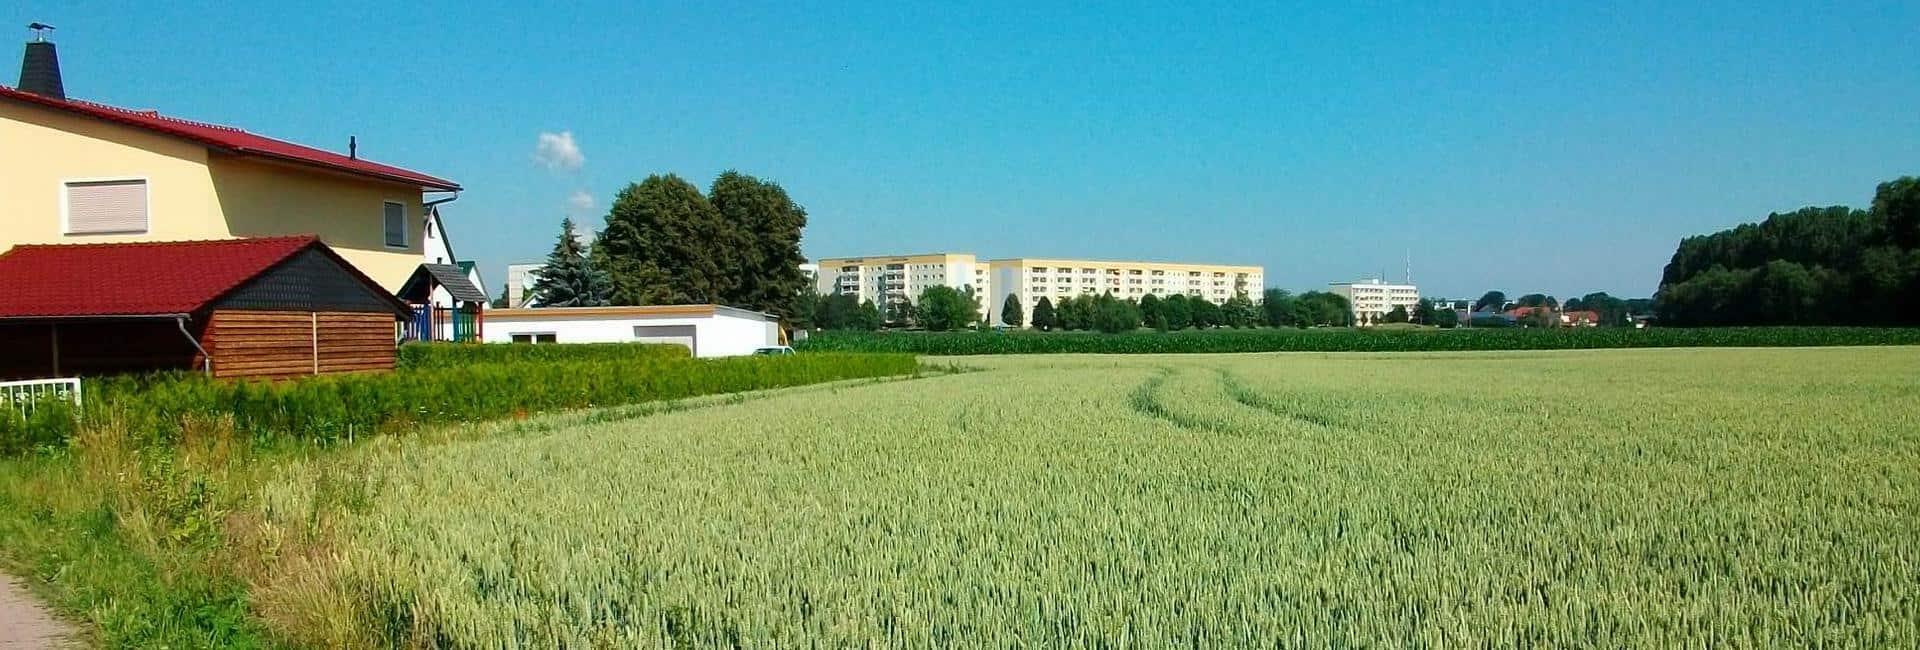 Ortslage Raupenhain (im Hintergrund Stadt Borna)